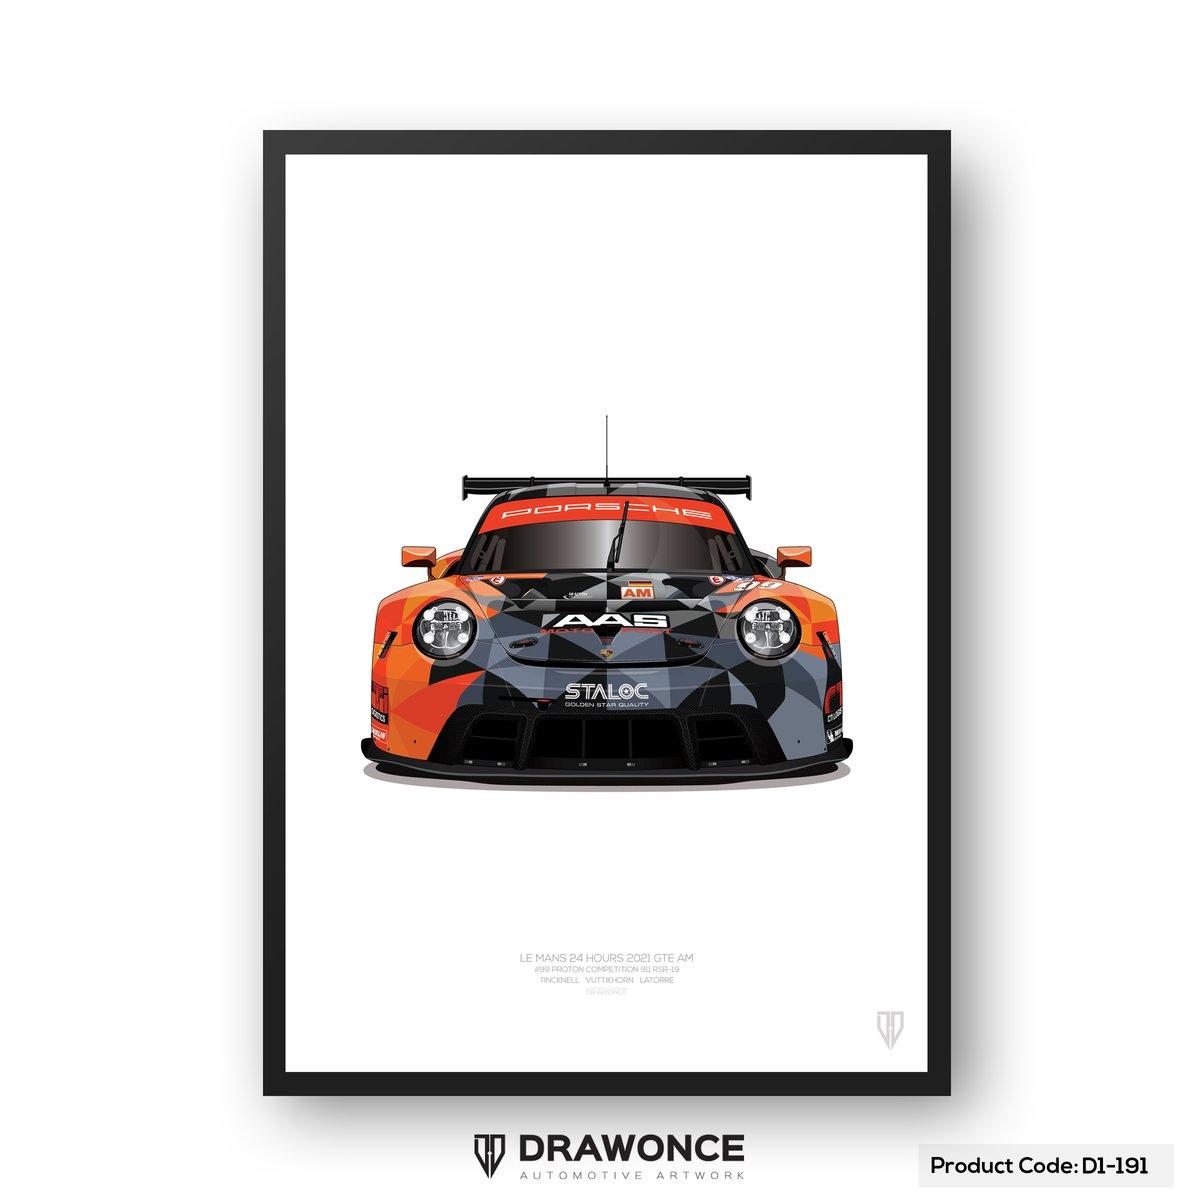 #99 Le Mans '21 (D1-191)